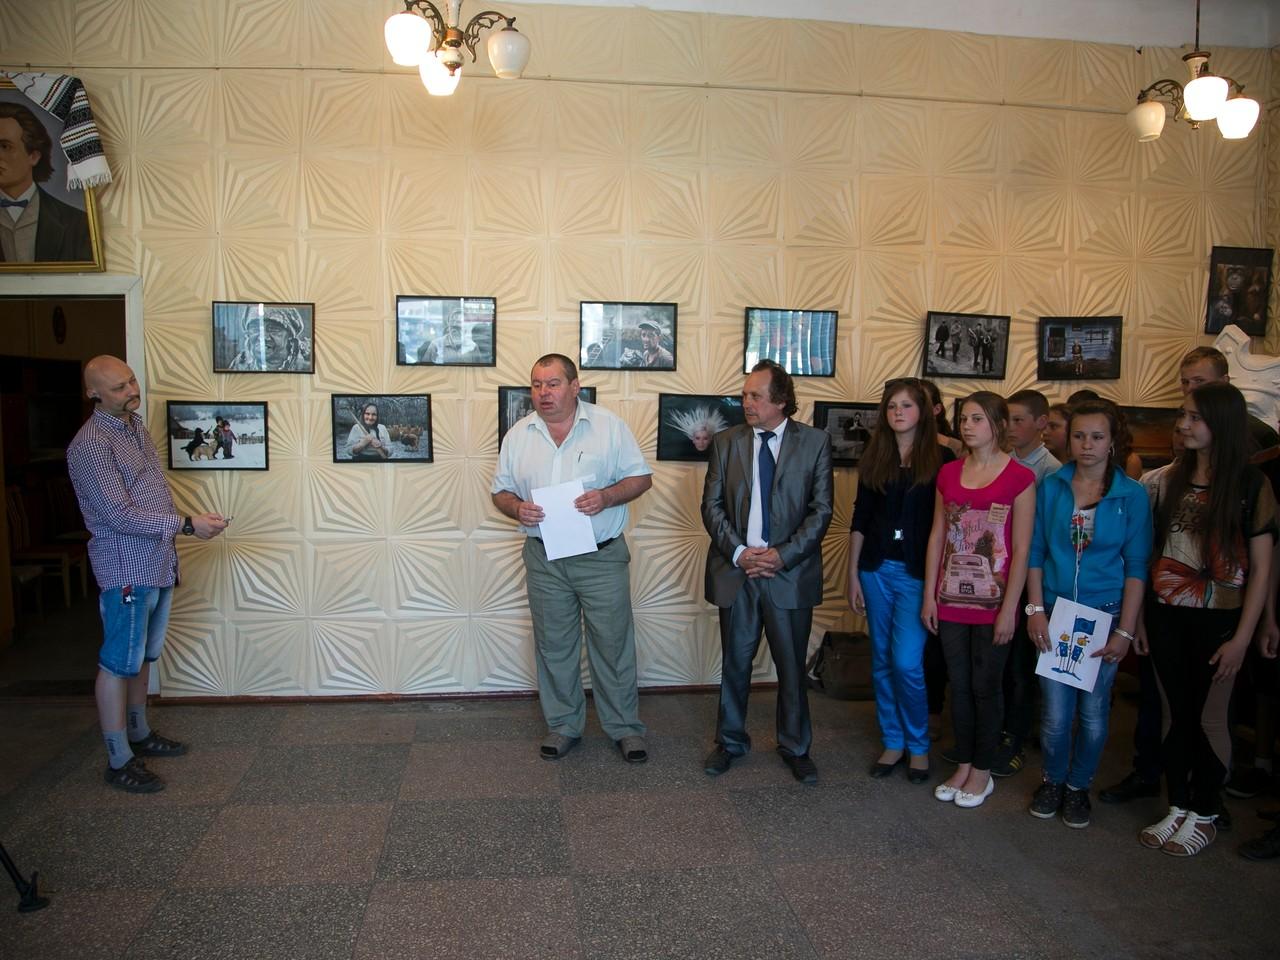 Eurofoart 2012 Nemzetközi kiállítás megnyitója a csernovitszi (Ukrajna) Euro Foto Art Galériában 2013 május  9-én